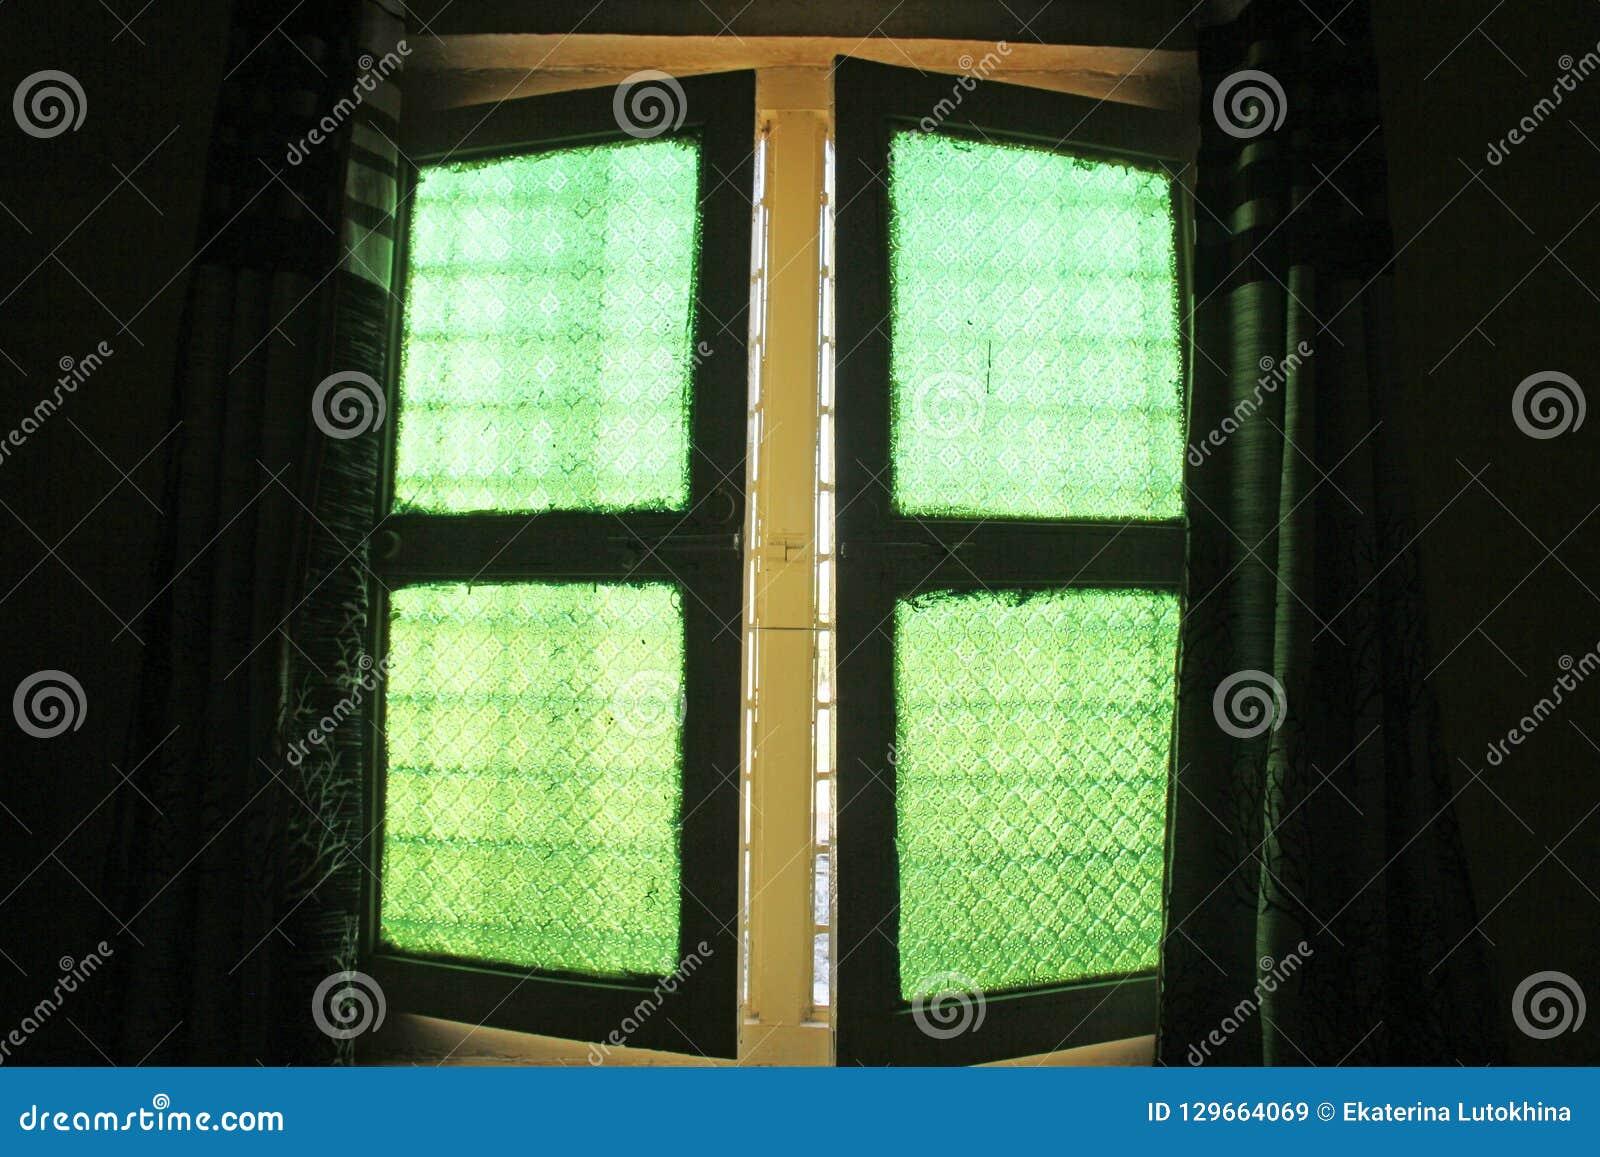 Janelas verdes do vidro velho do vintage com pa floral ou geométrico